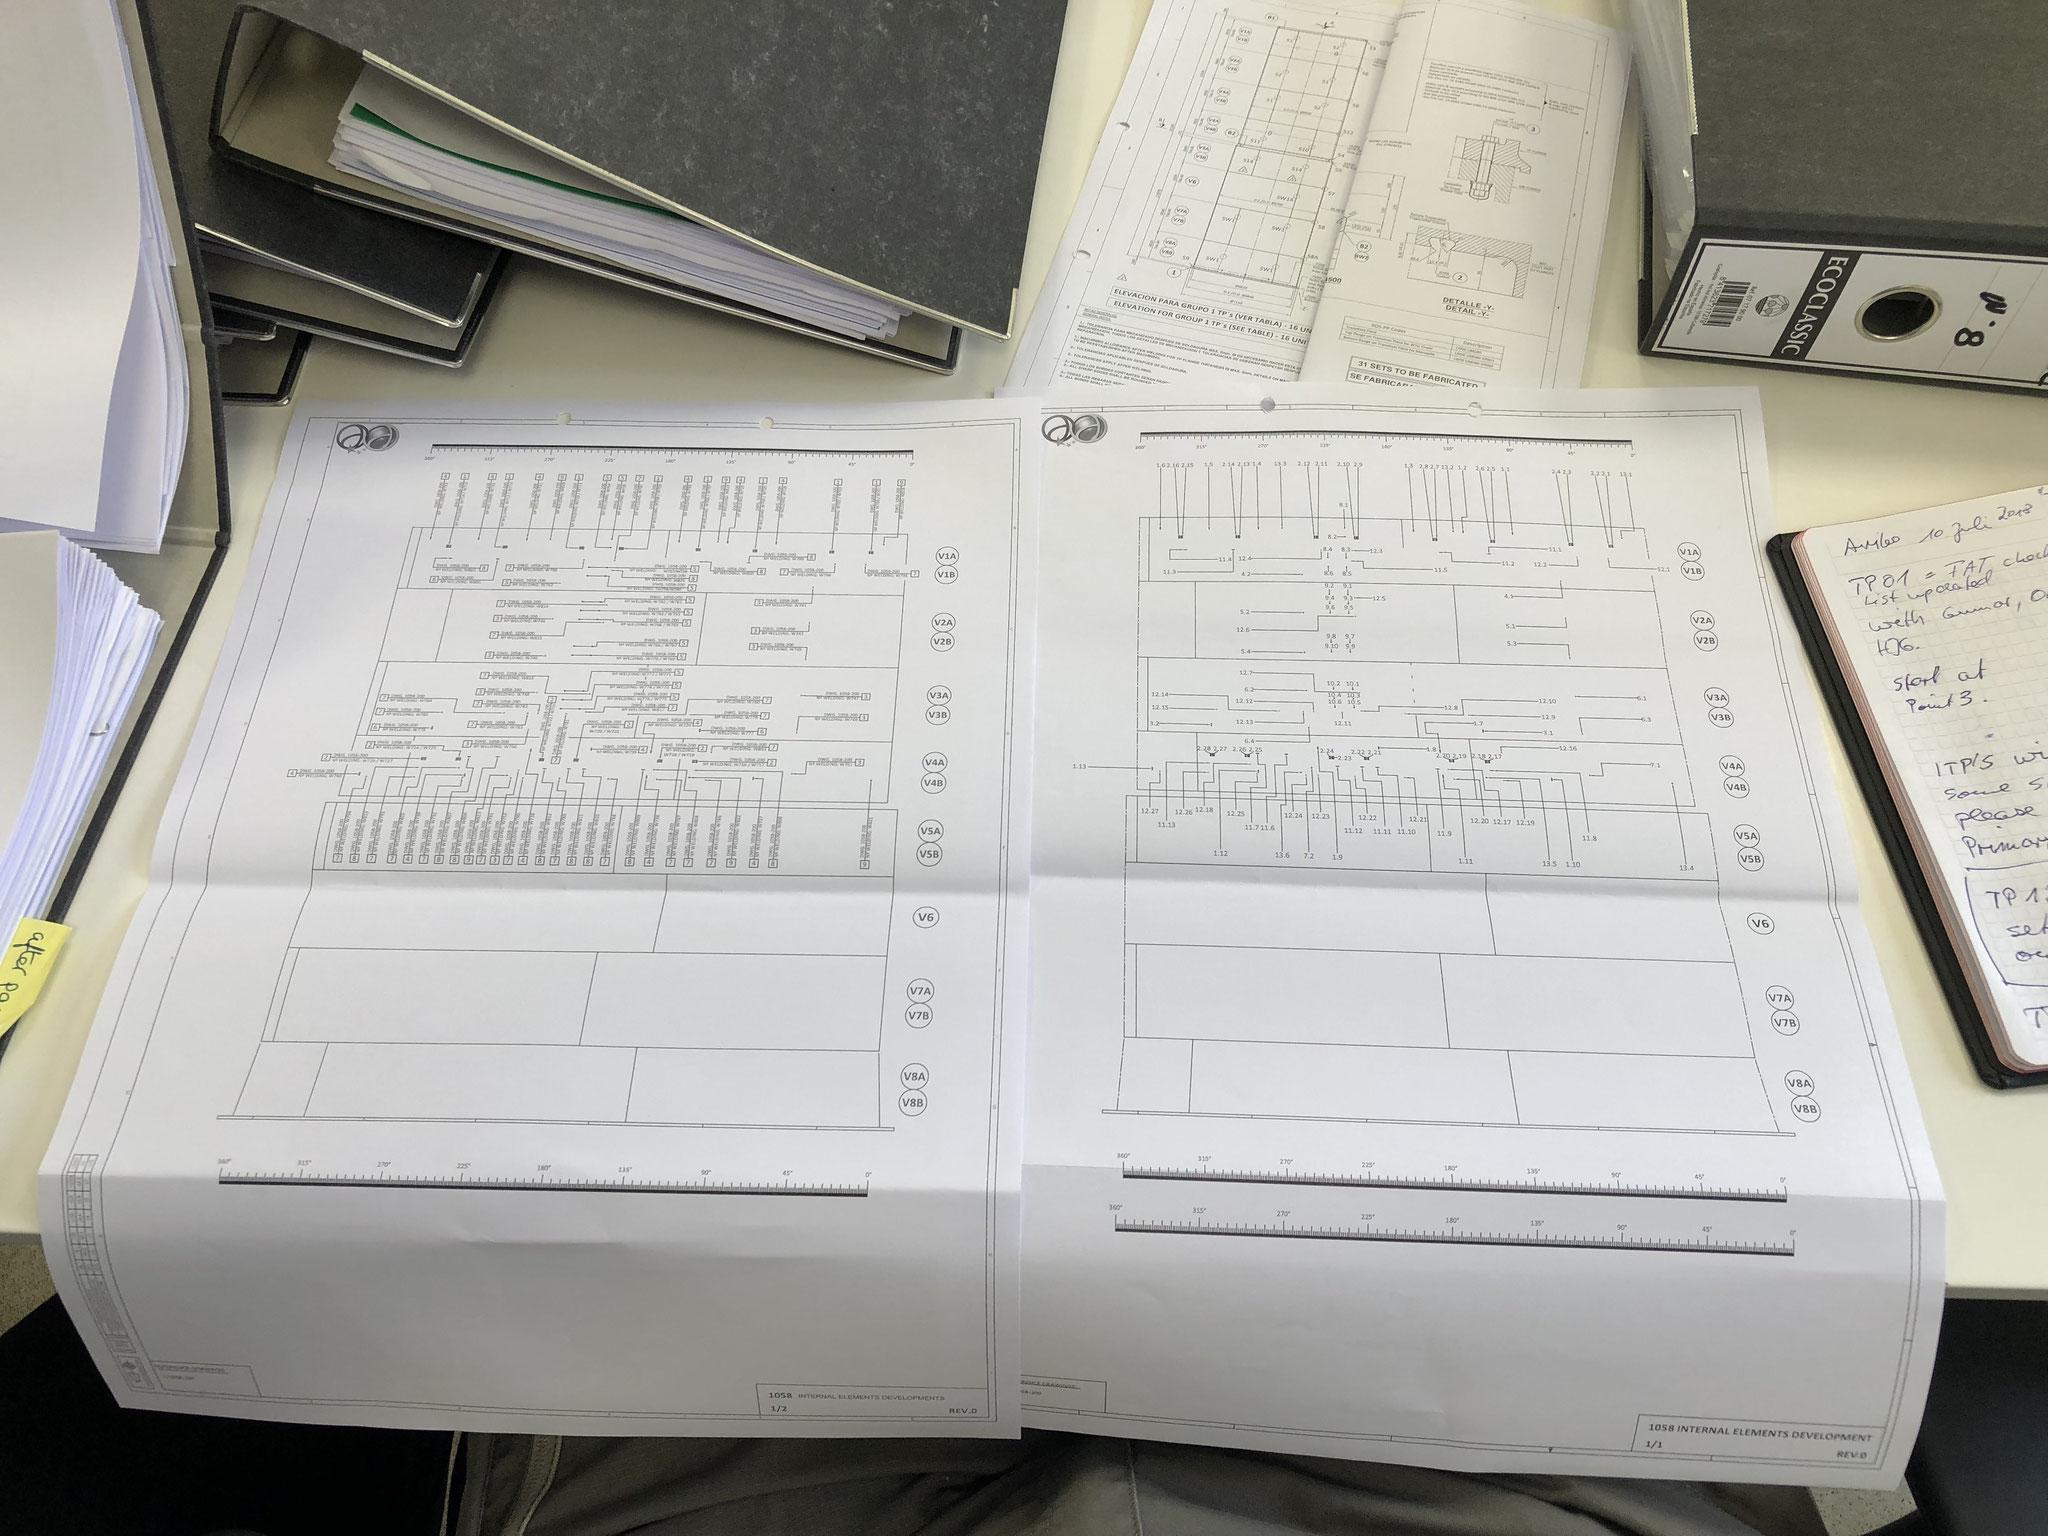 Einzeldokumentenprüfung, Dokumentenerstellung und Prüfung